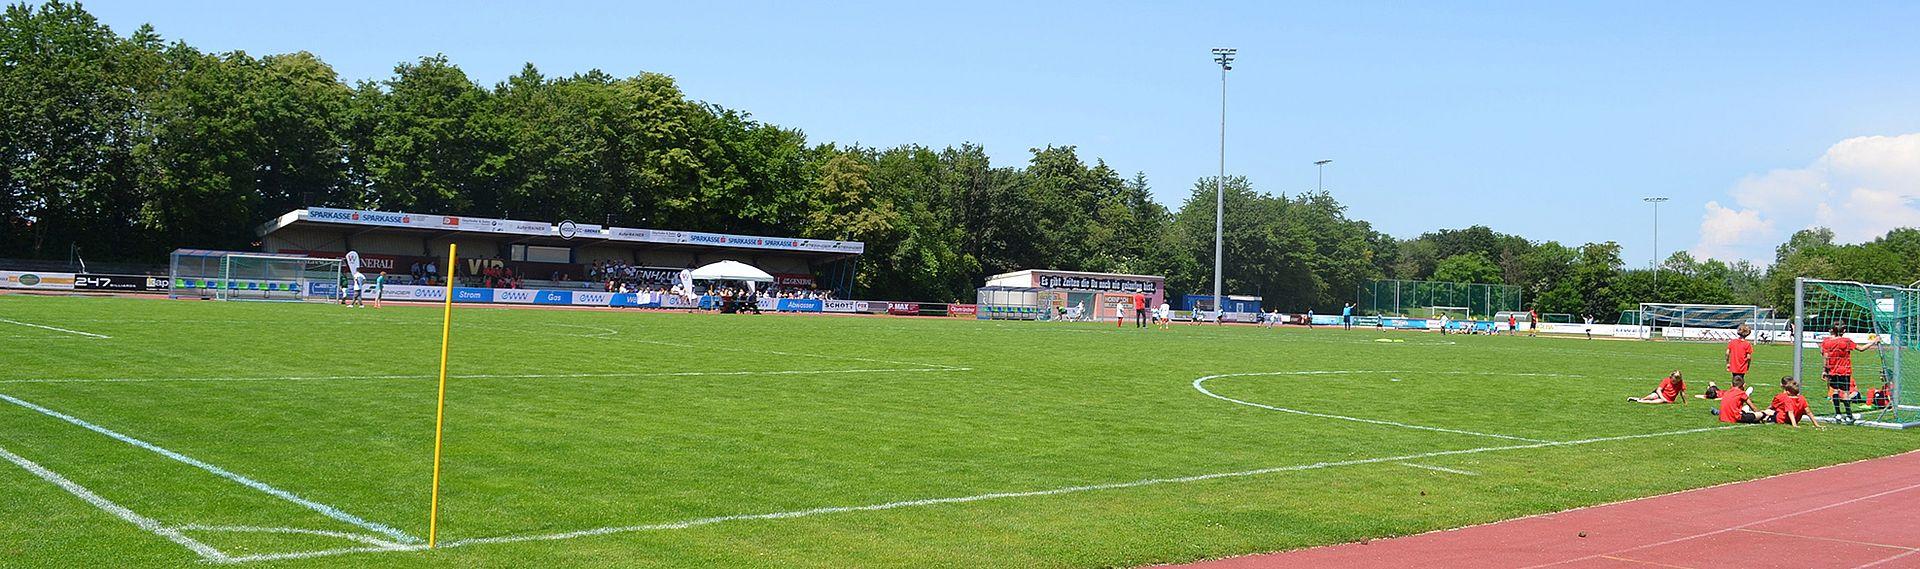 Banner Sport - Fußballfeld